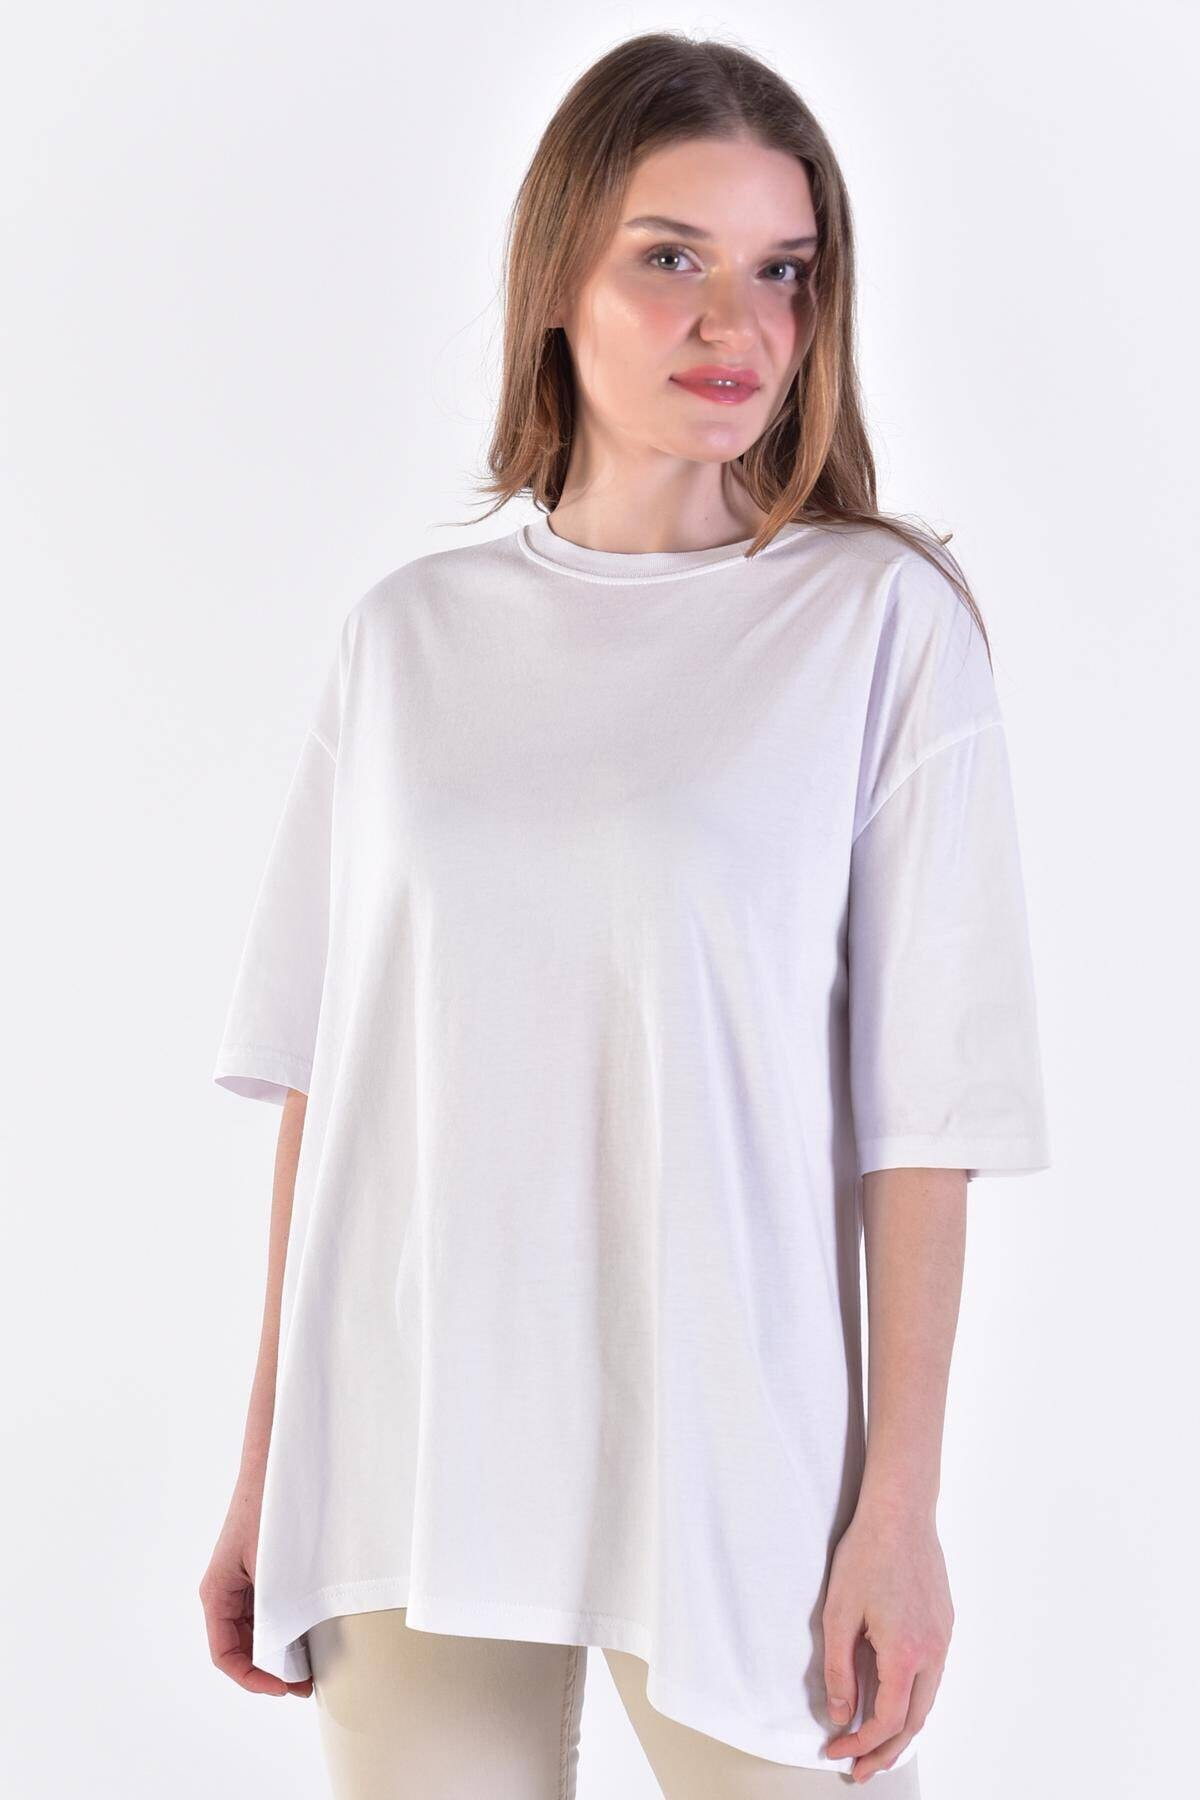 Addax Kadın Beyaz Basic Tişört P0911 - D10 ADX-0000022133 2